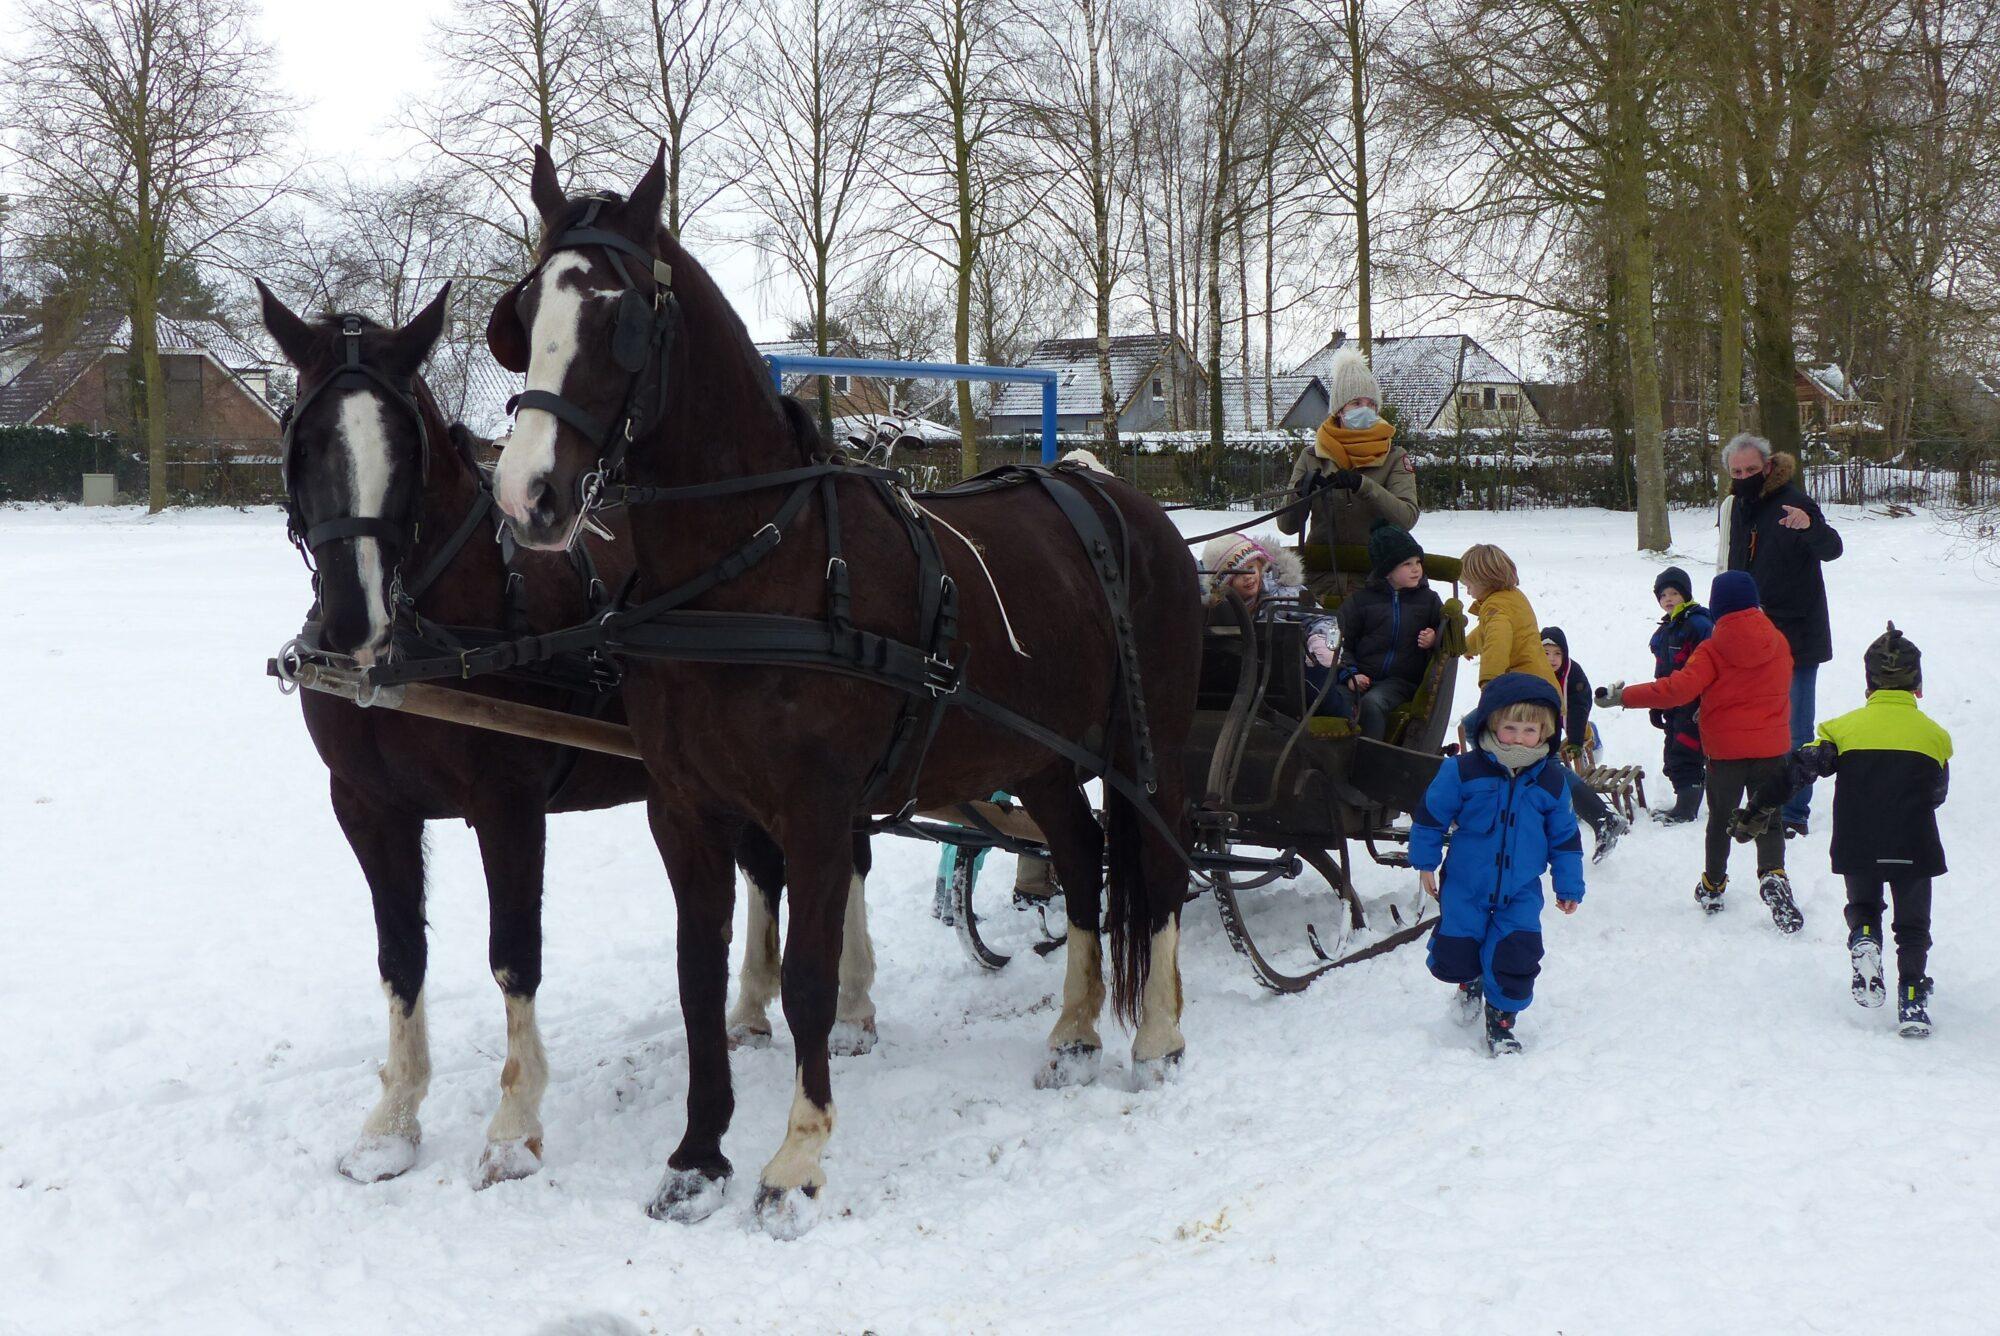 Leuvenheimse kinderen op de arrenslee